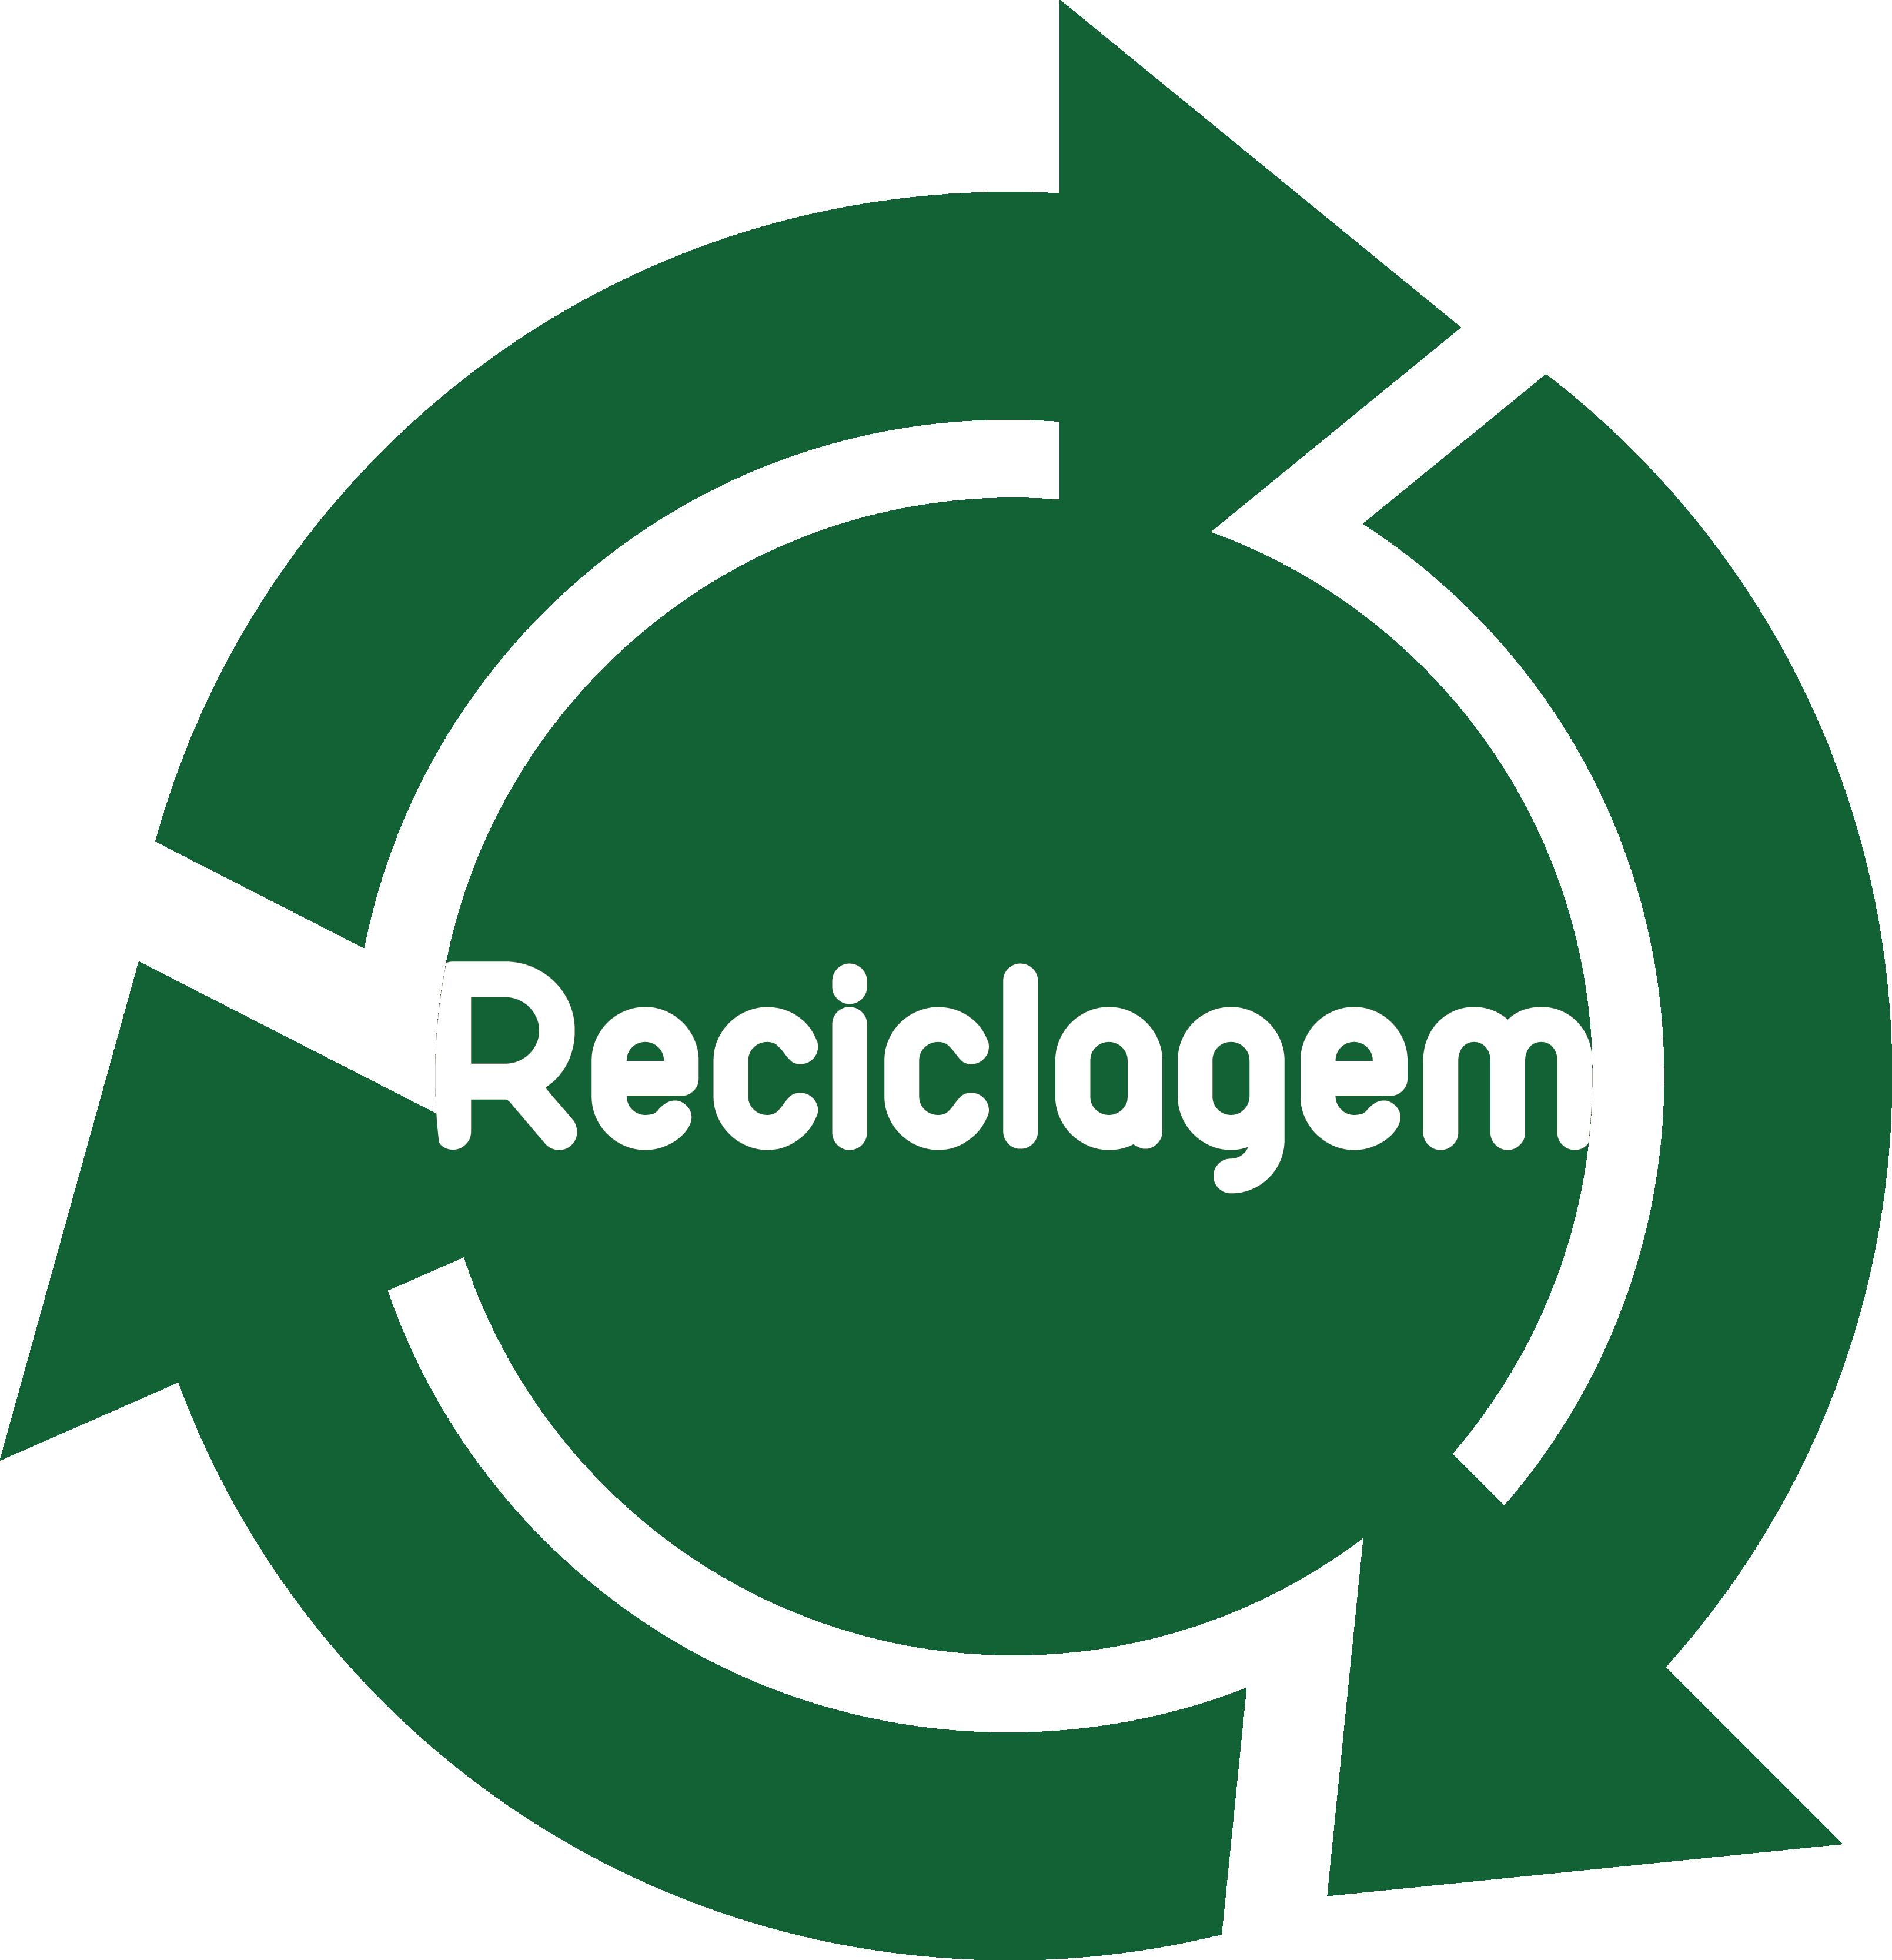 TenStickers. Nalepka z znakom za recikliranje. Podpišite nalepko z napisom nalepke s simbolom za recikliranje, da okrasite katero koli ravno površino po izbiri. Na voljo je v poljubni velikosti.